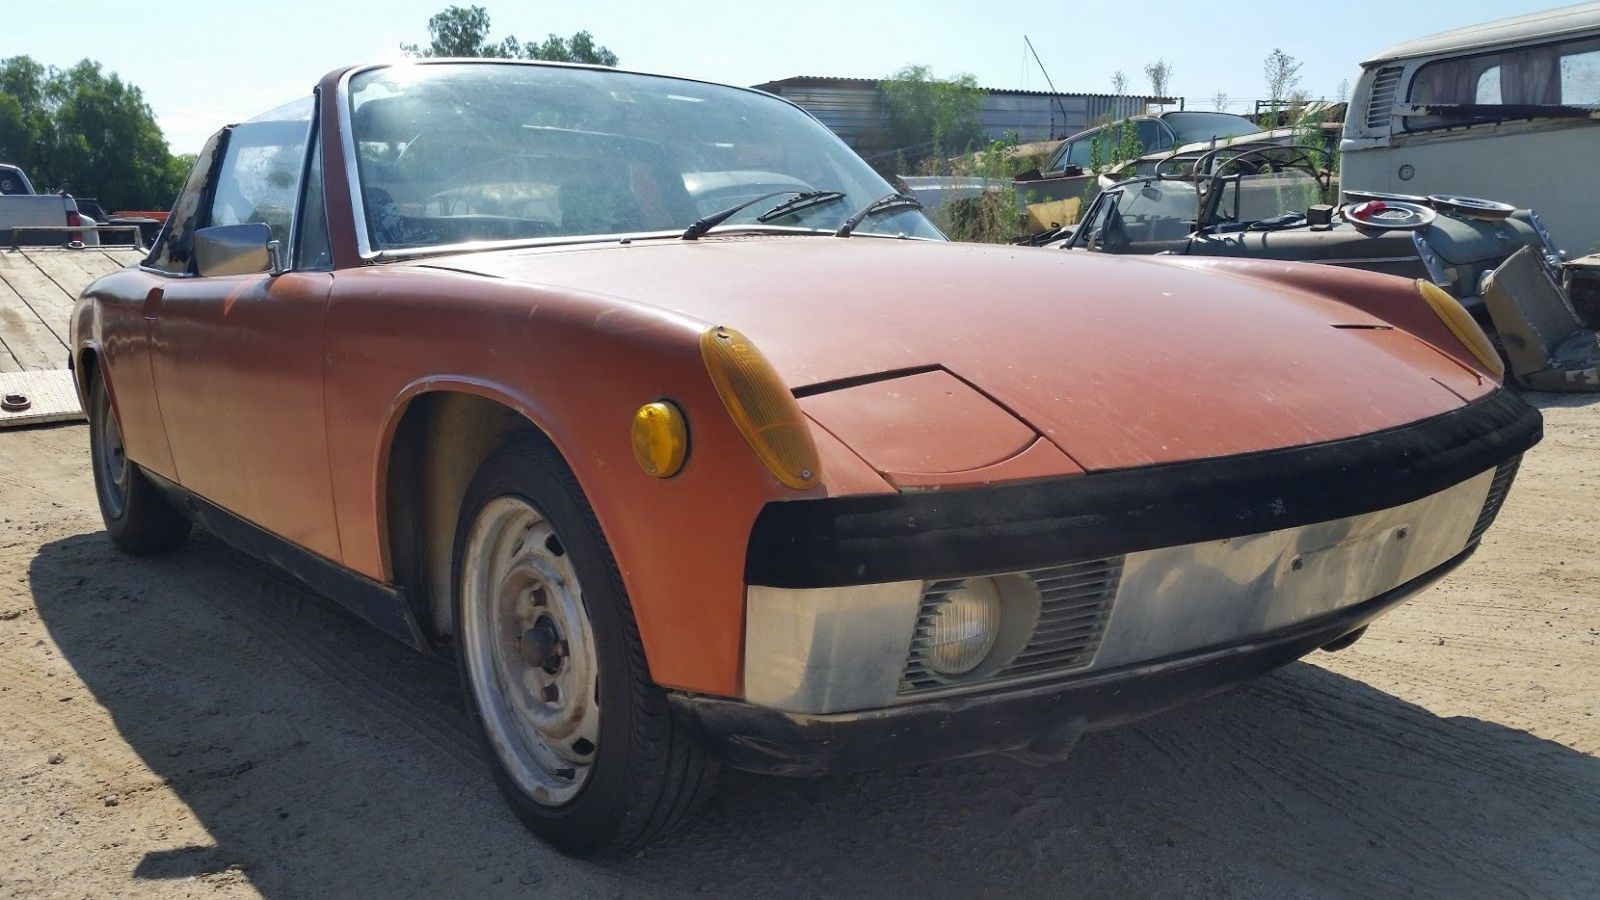 1970 porsche 914 targa manual *fresh usa import | Porsche 914 and Cars